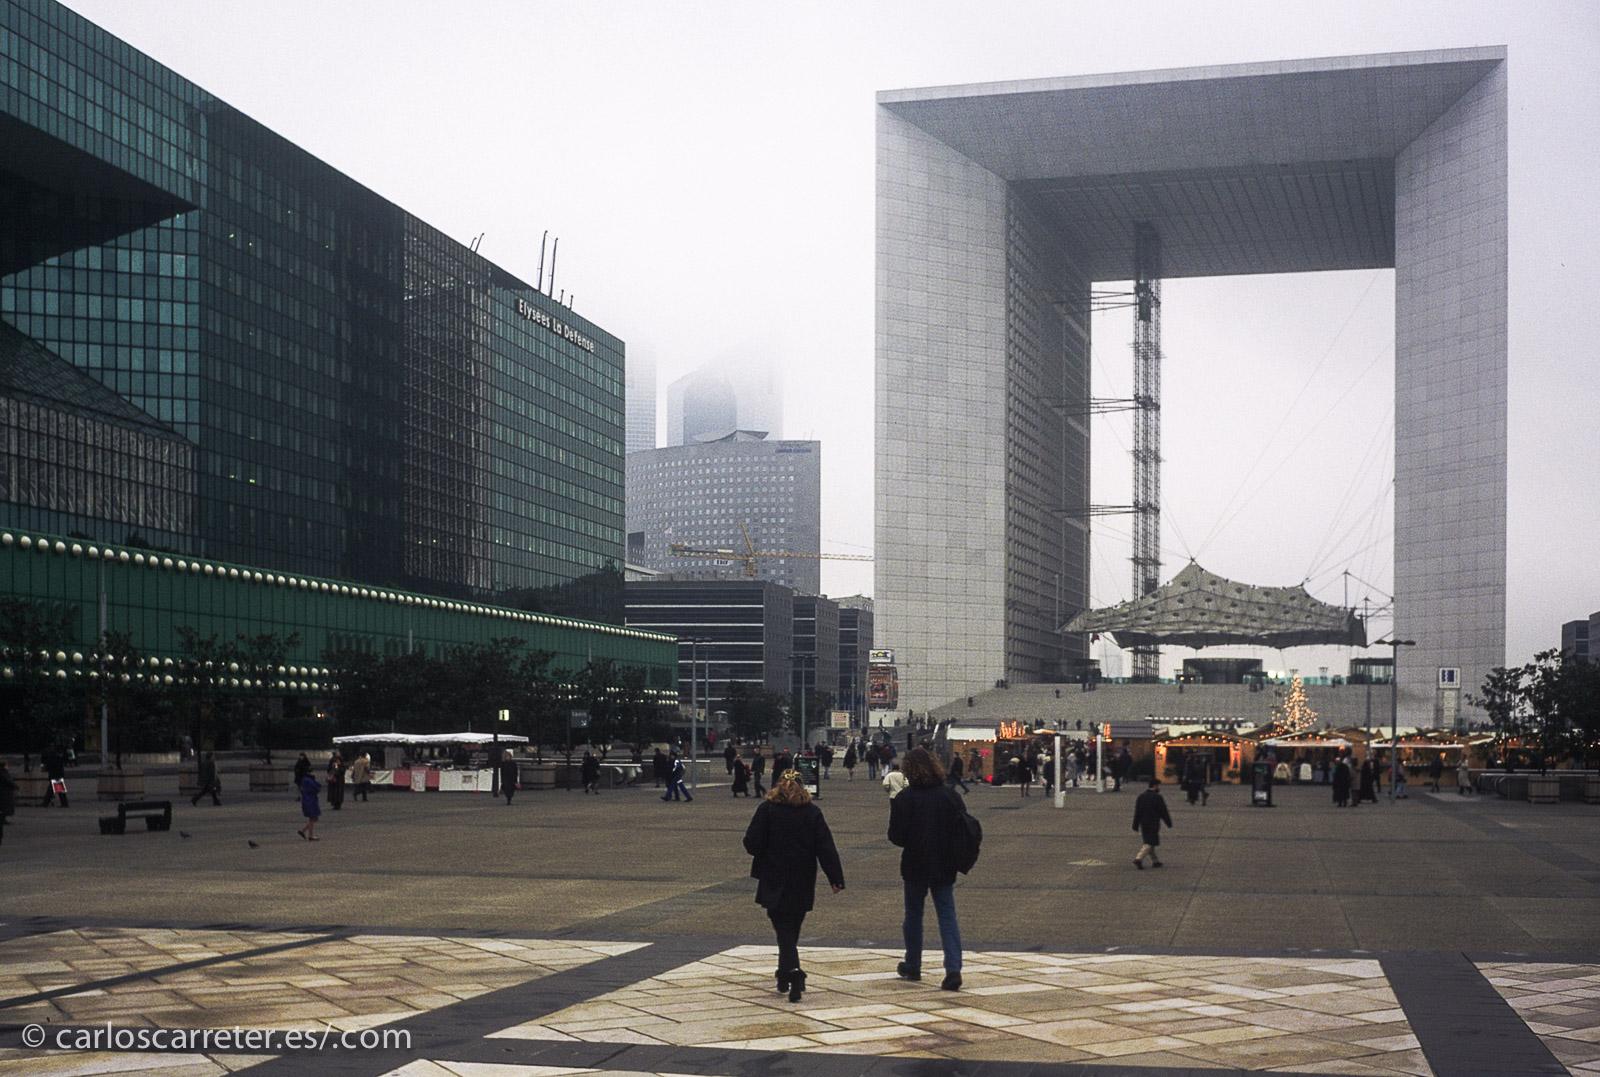 Un París gris y frío, frente a las luminosas y cálidas tierras del señor Linh...